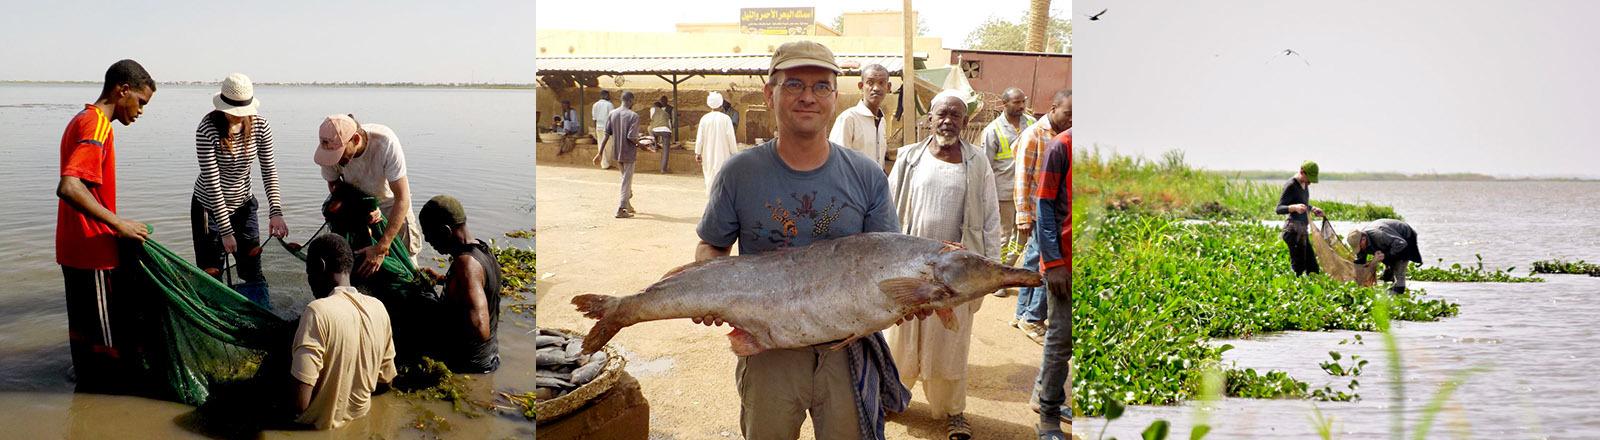 Fischkundler Timo Moritz trägt einen großen Fisch. Timo Fischer fängt mit Helfern und Kollegen Fische.